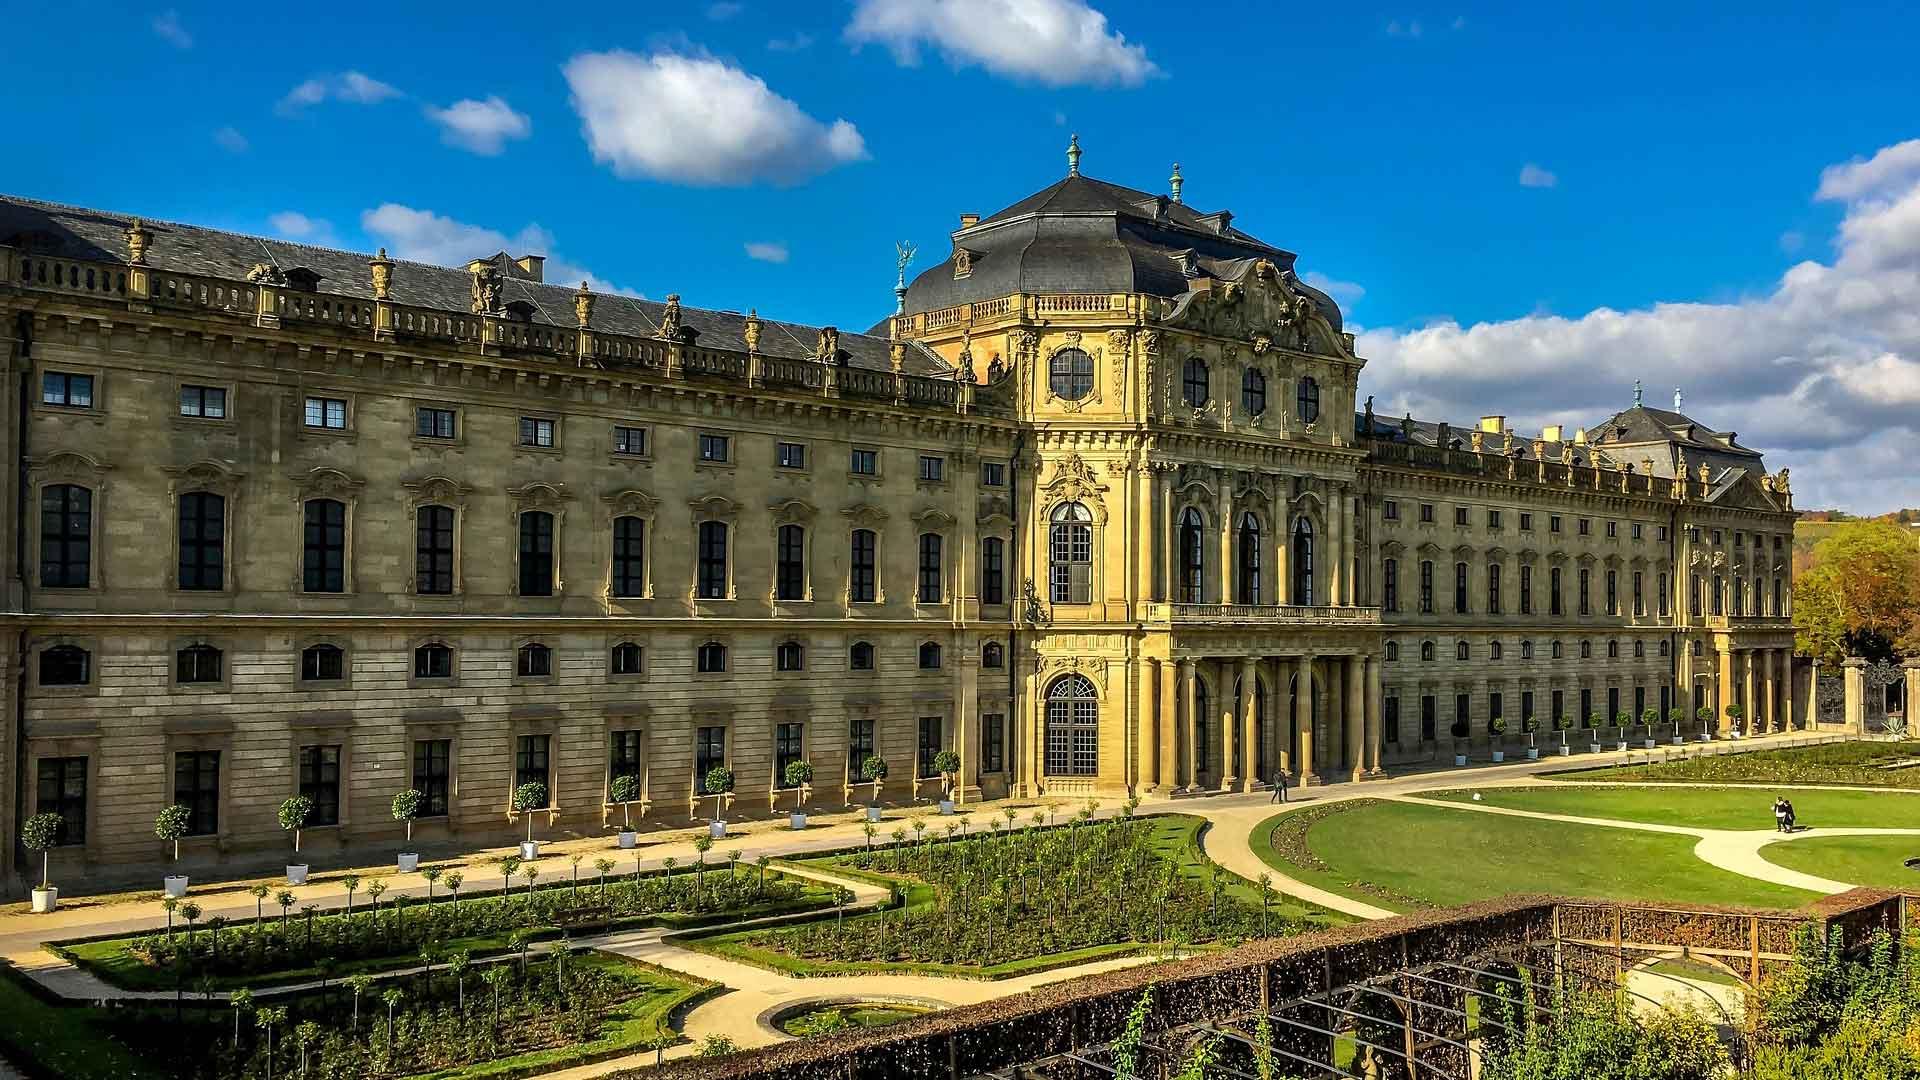 De residentie in Würzburg is een prachtig voorbeeld van barokke architectuur.